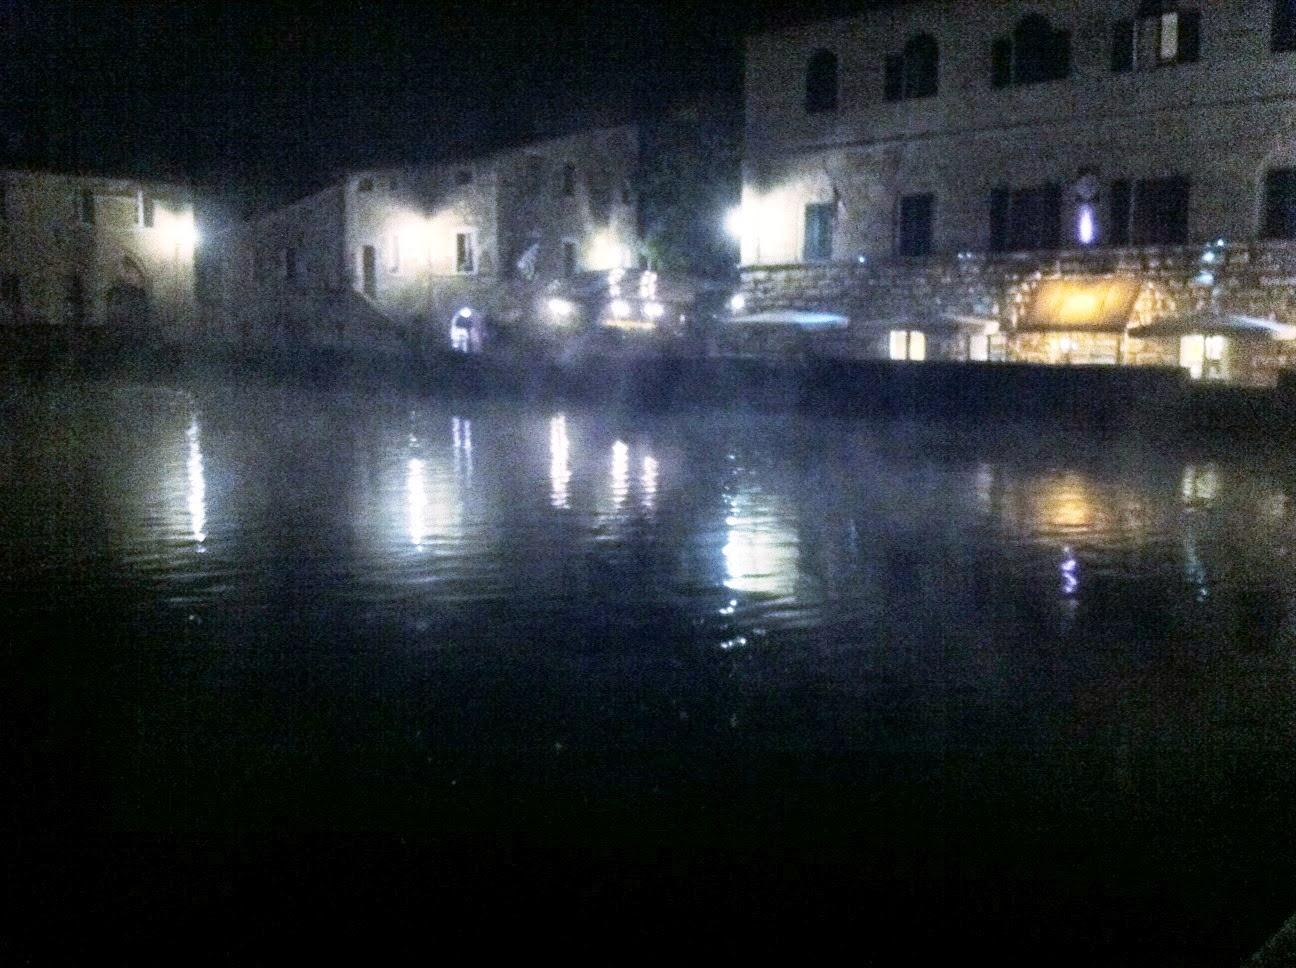 Hot Springs In Tuscany Bagno Vignoni October 16 2013